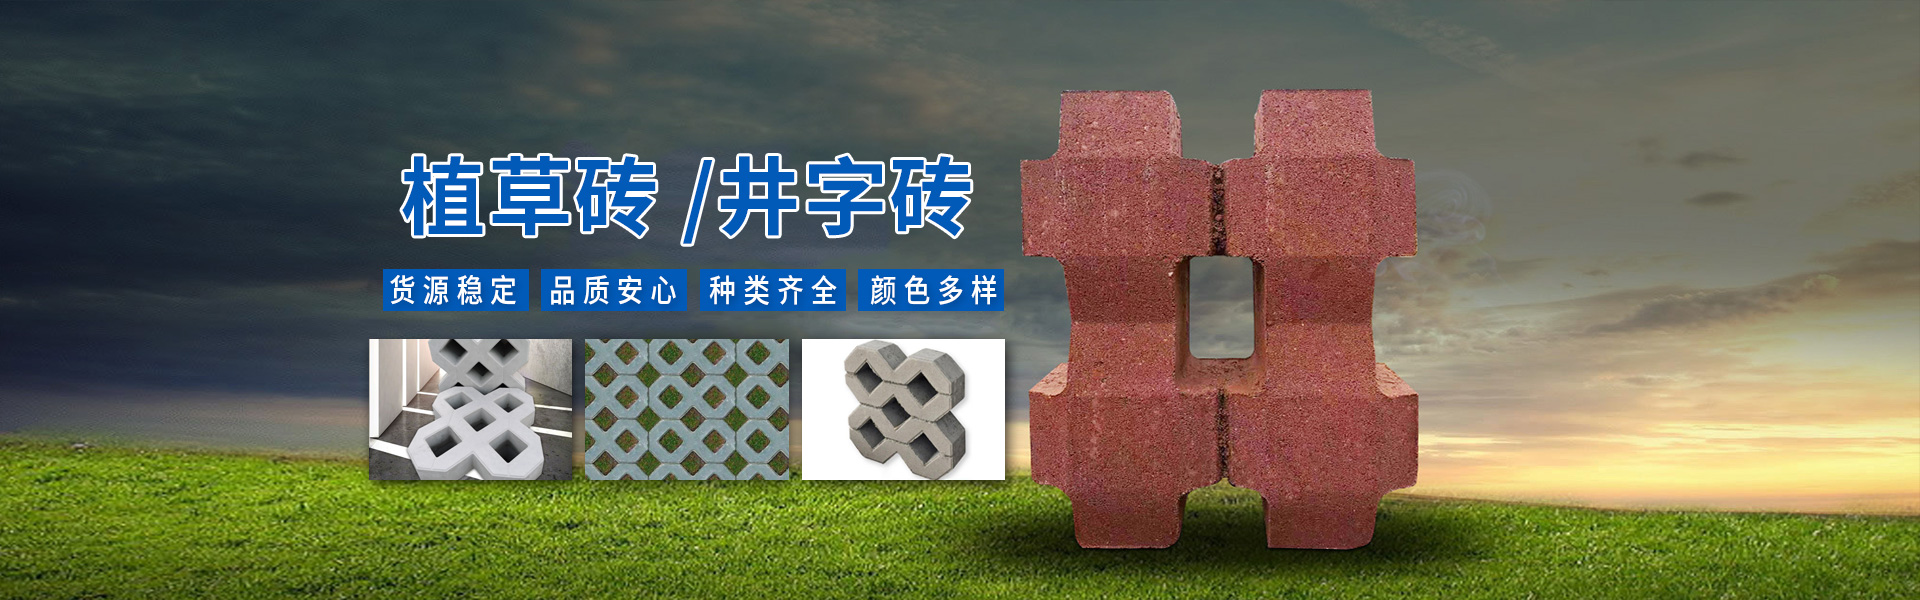 裕强水泥专业生产水泥管